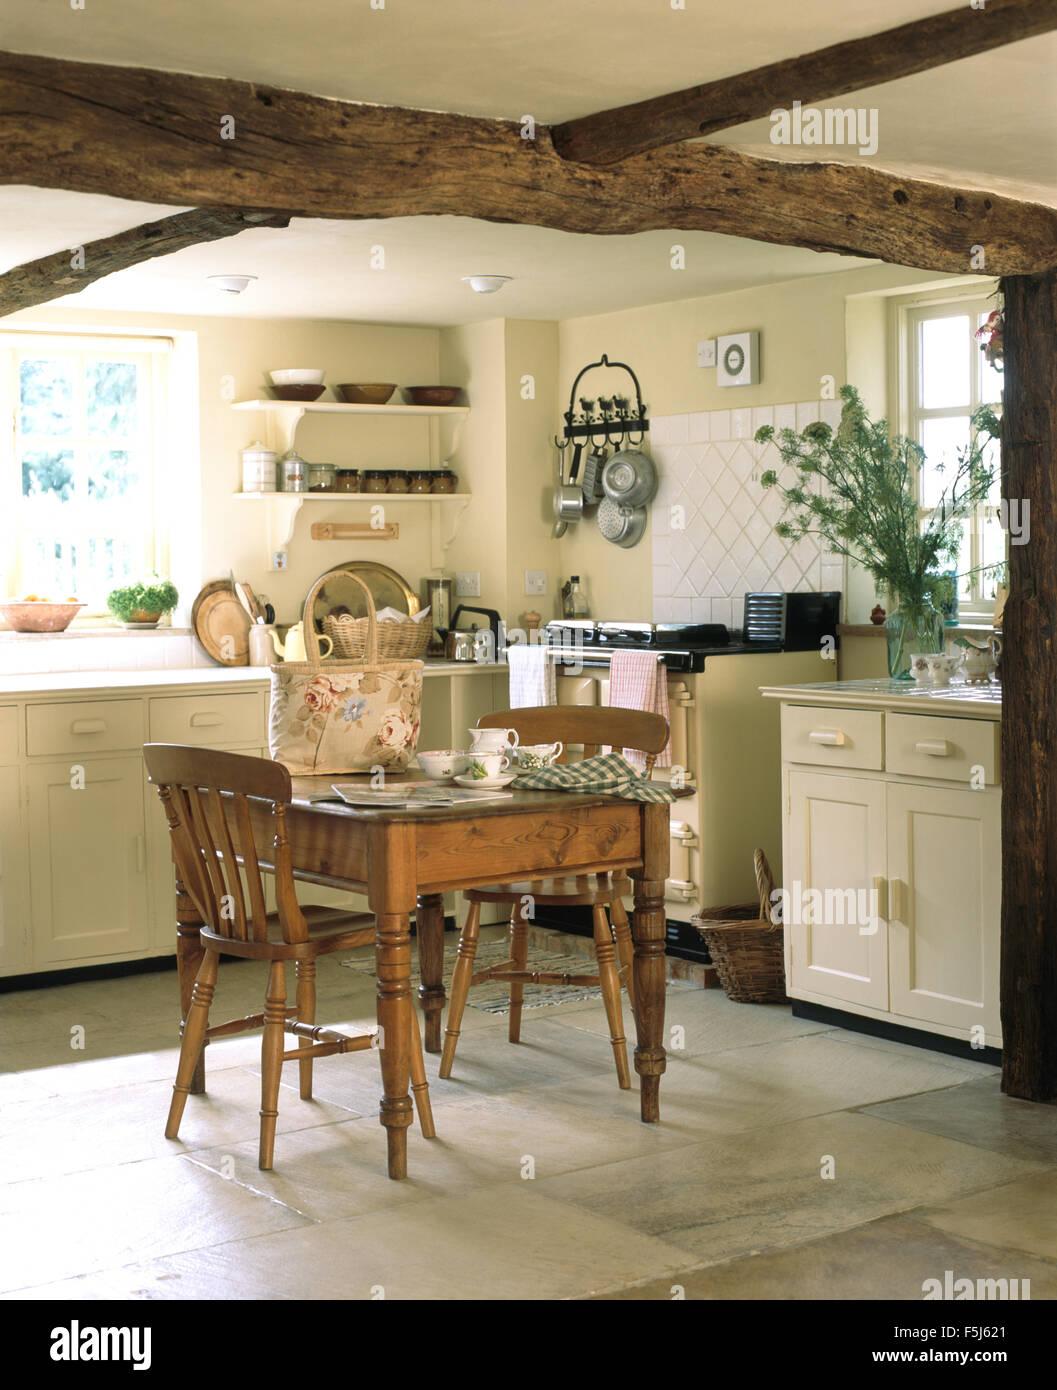 Vintage Kiefer Esstisch und Stühle in einer Creme Cottage-Küche mit ...